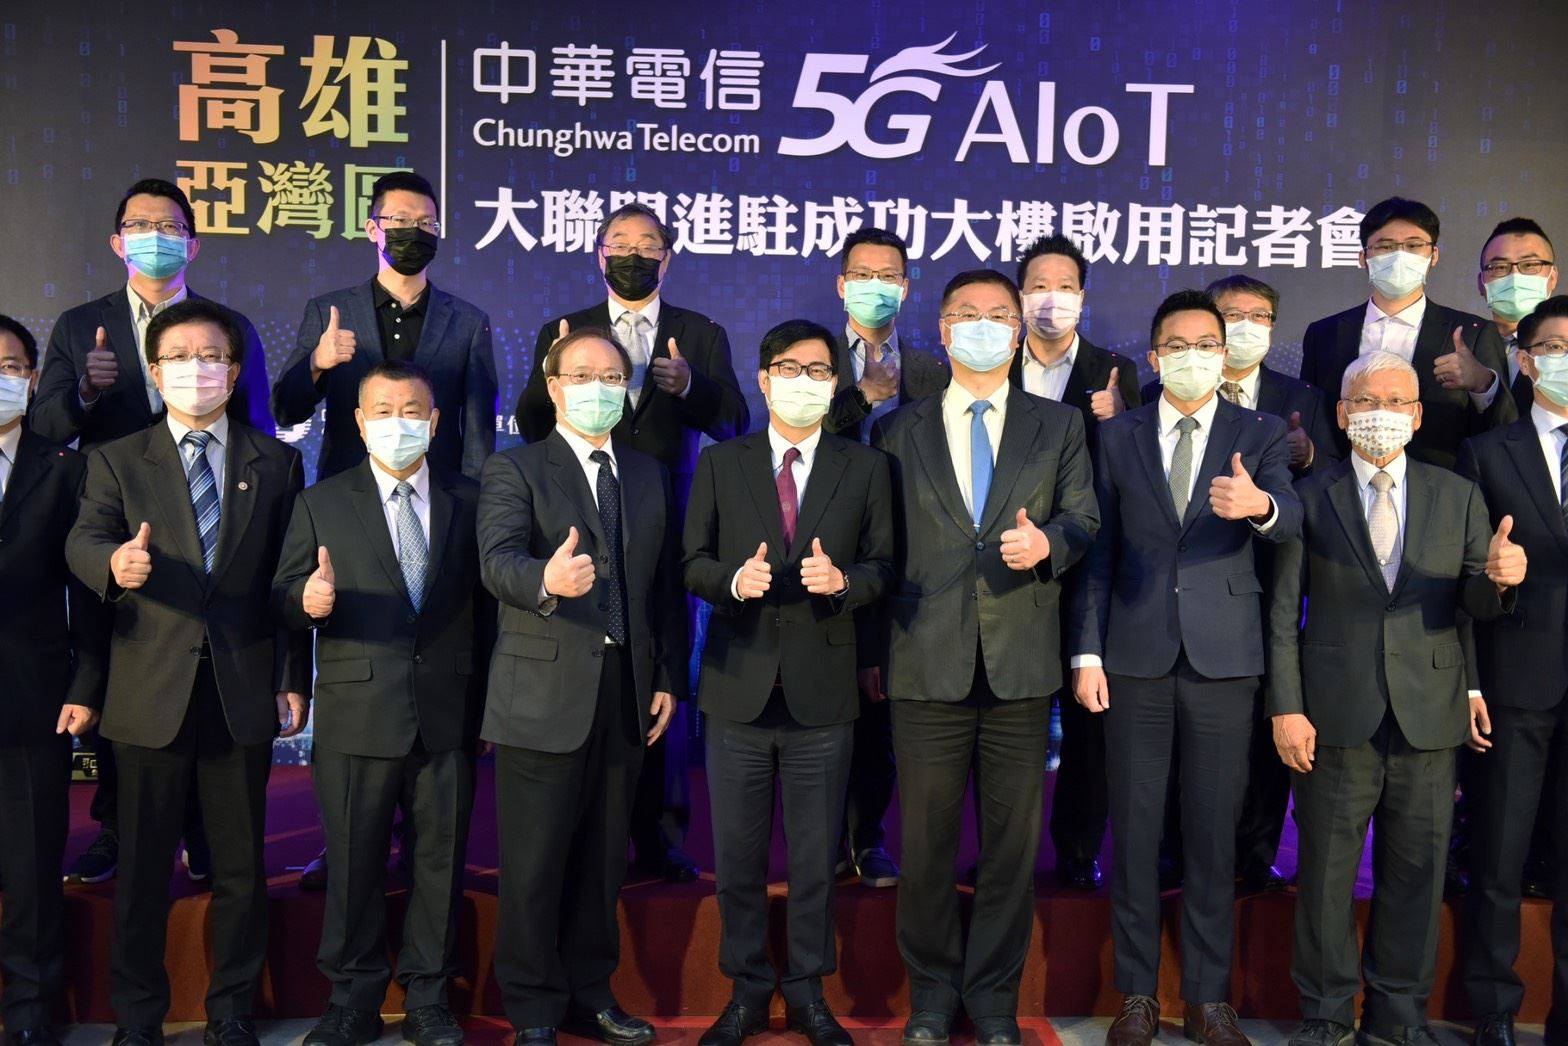 1100408中華電信5G AIoT大聯盟進駐啟用_通稿 (4).jpg